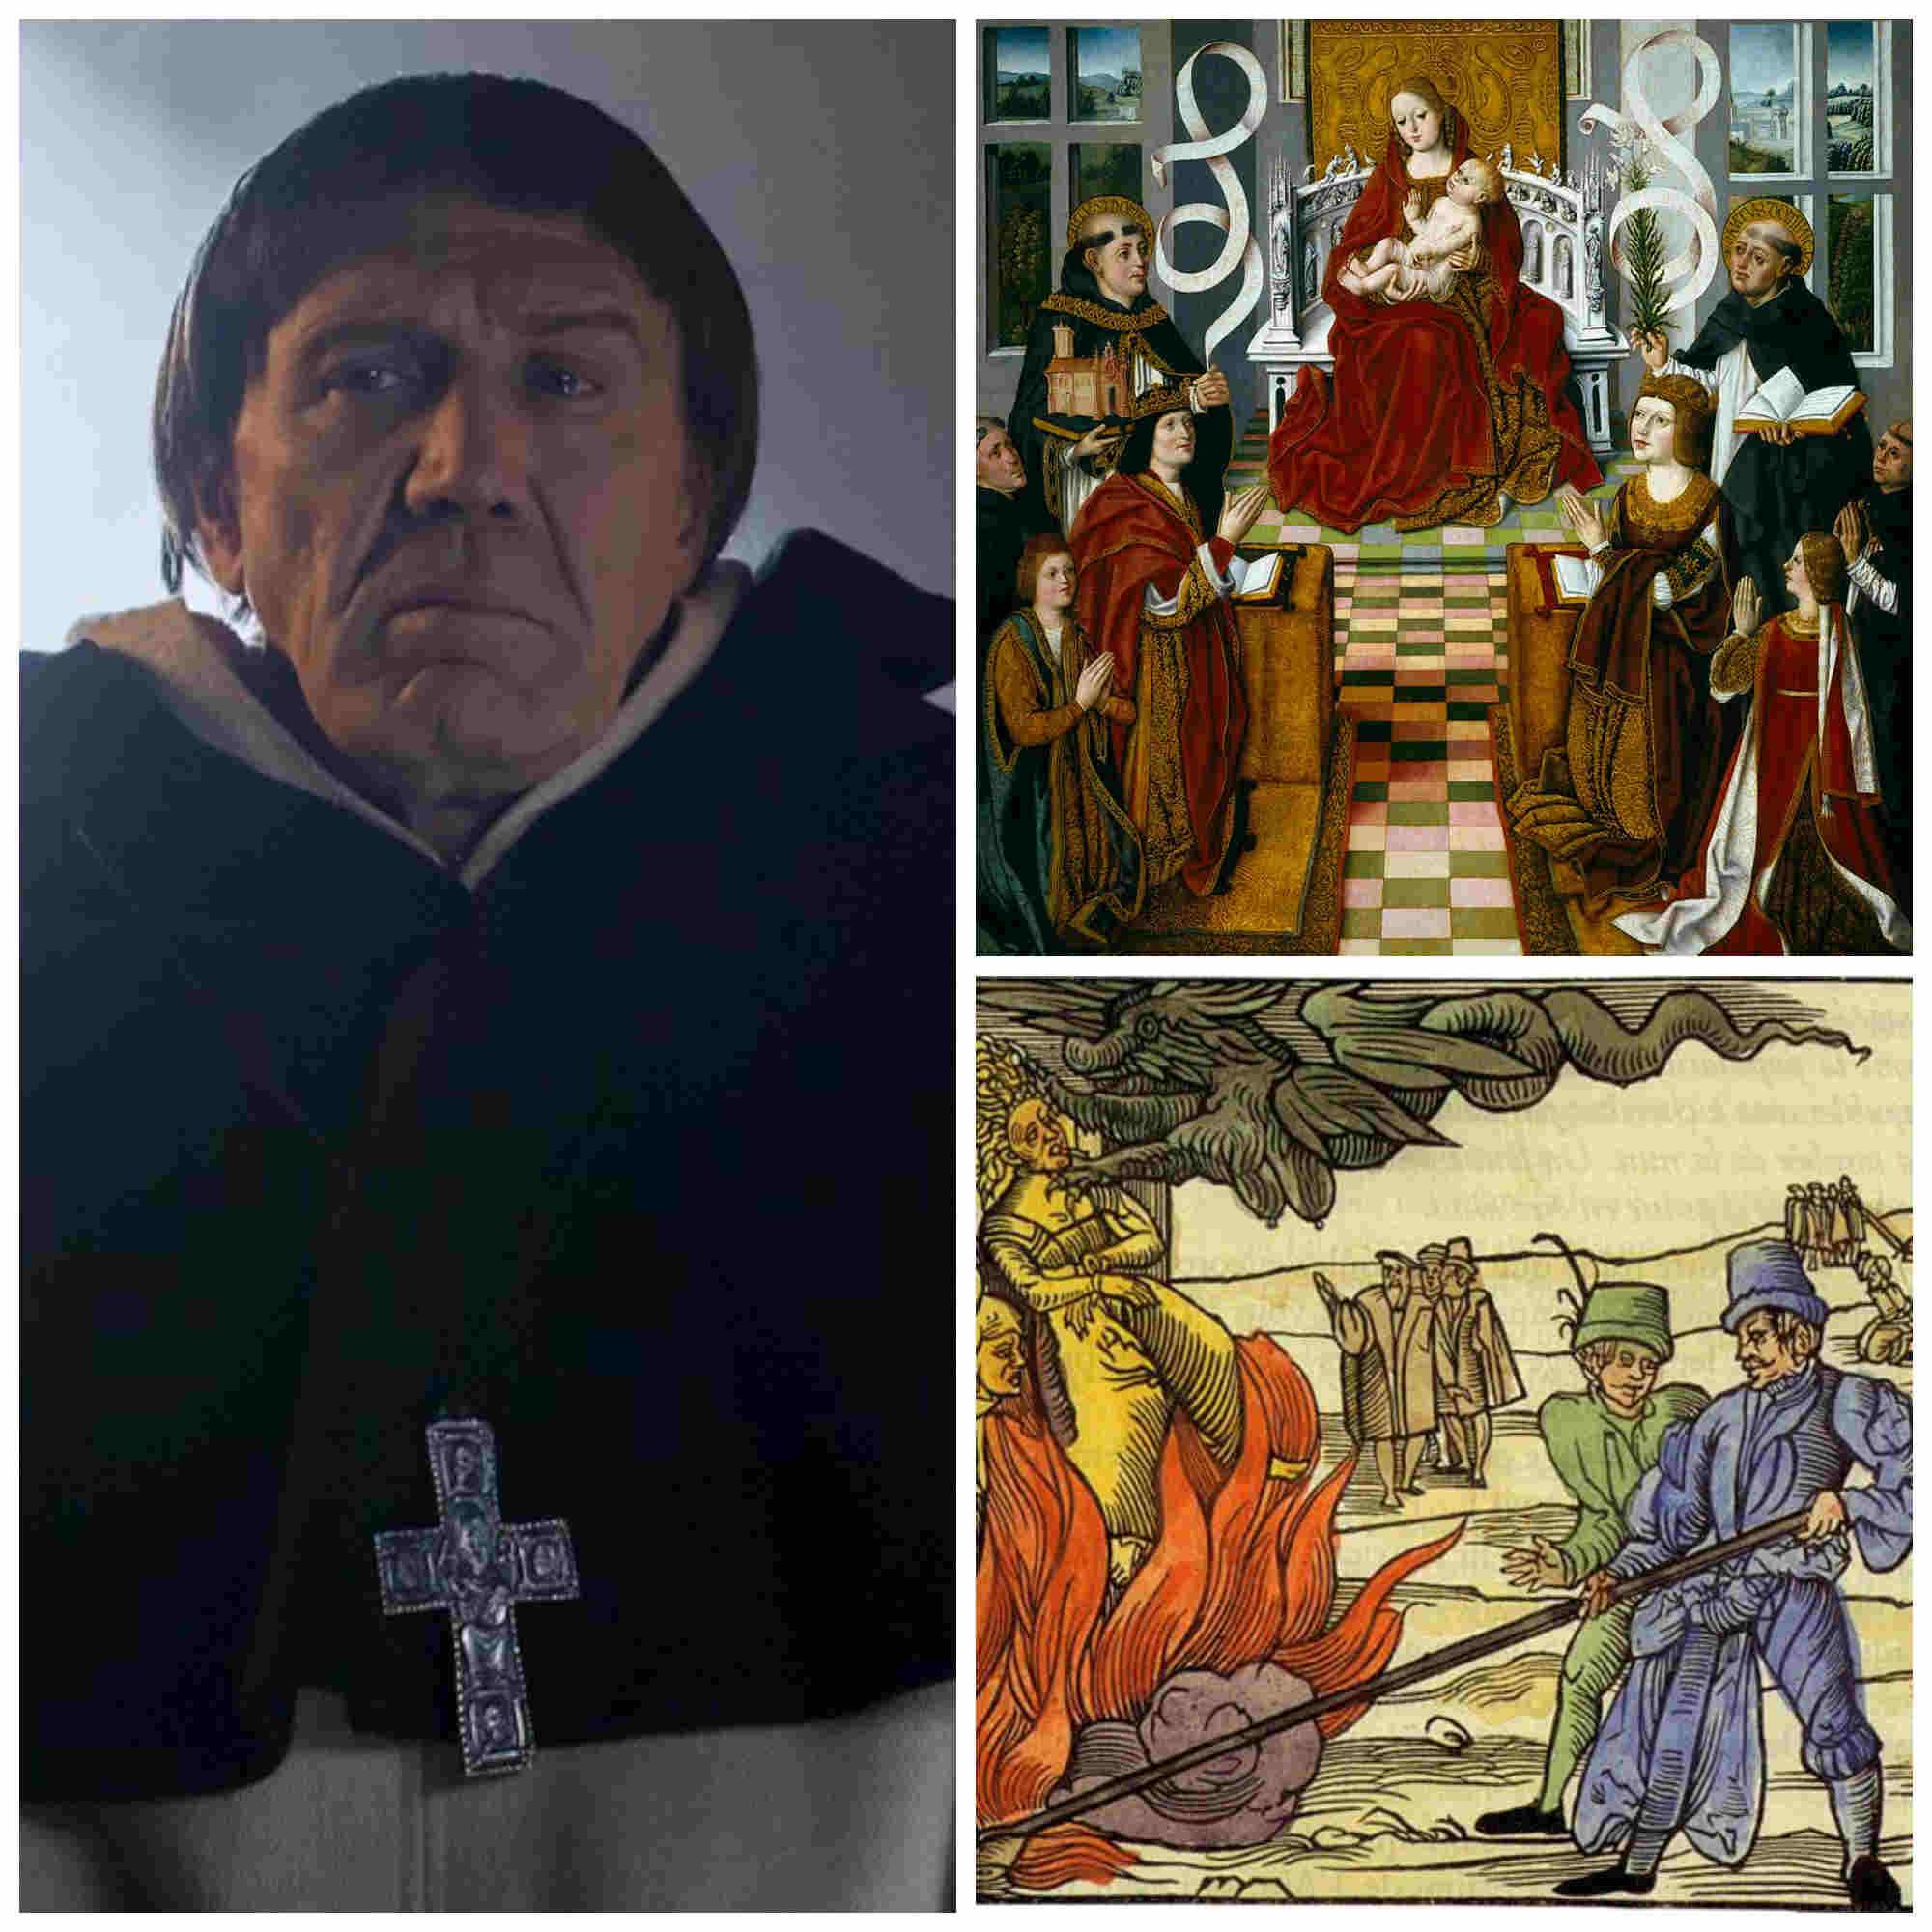 Los inicios de la Inquisición